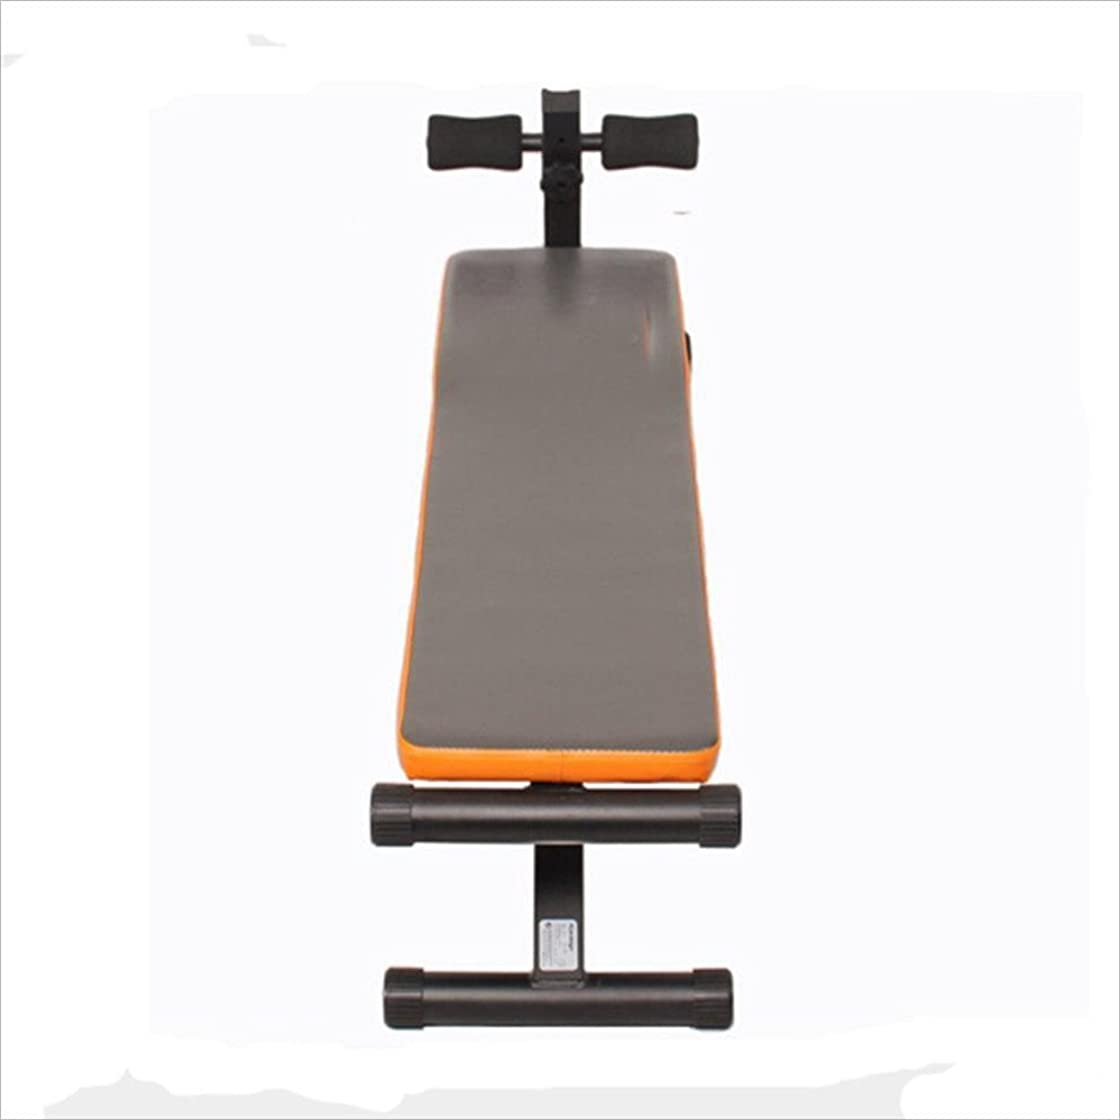 レスリングドレイン確認マルチシットアップベンチ マルチシットアップベンチ シットアップベンチ 腹筋 背筋 全身を鍛えるマルチエクササイズ 男女兼用 トレーニングベンチ